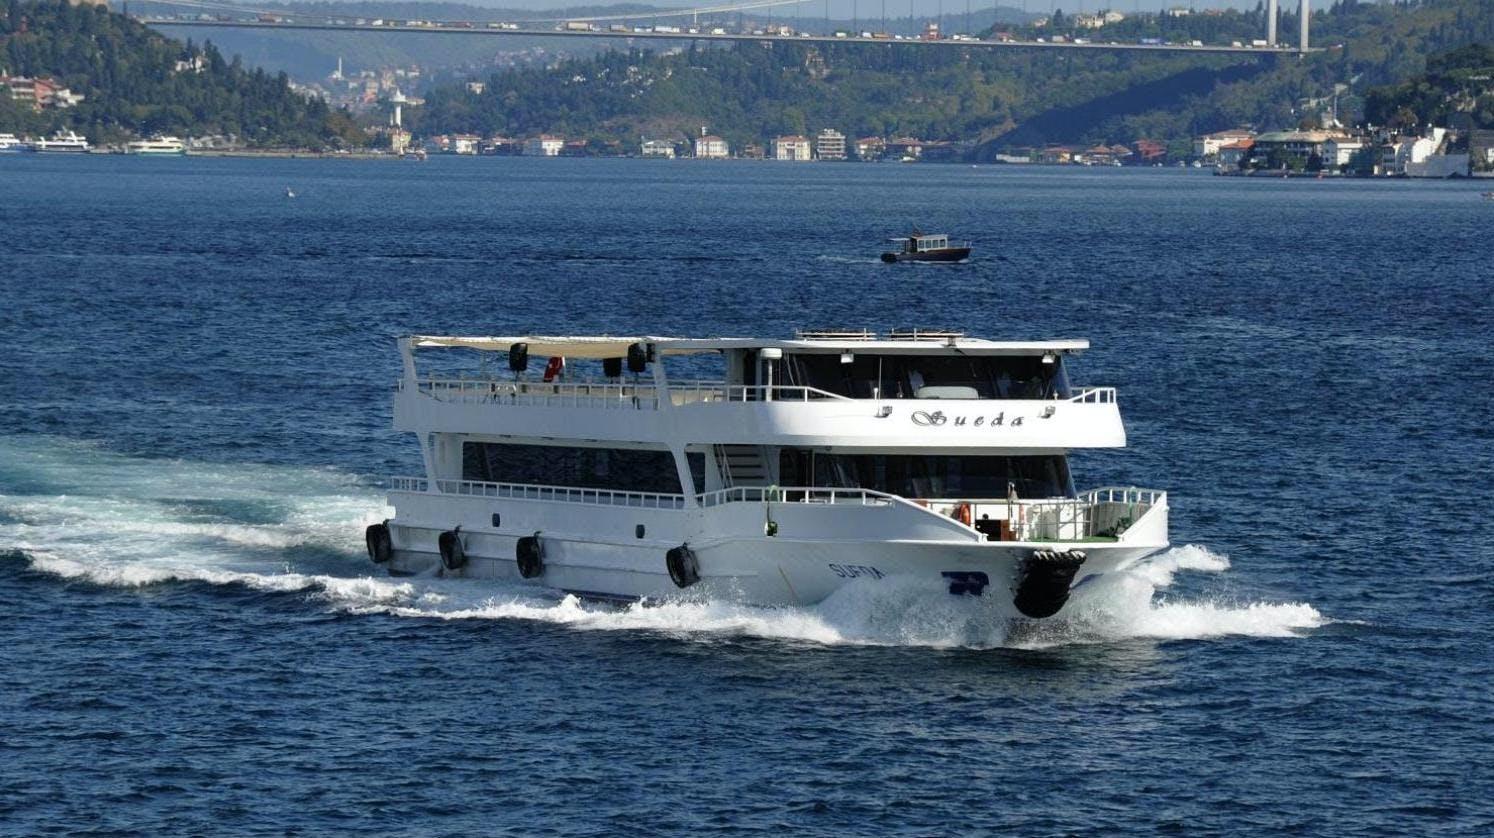 Ver la ciudad,Ver la ciudad,Salir de la ciudad,Actividades,Tickets, museos, atracciones,Visitas en barco o acuáticas,Excursiones de un día,Actividades acuáticas,Entradas a atracciones principales,Crucero por el Bósforo,Palacio Dolmabahçe